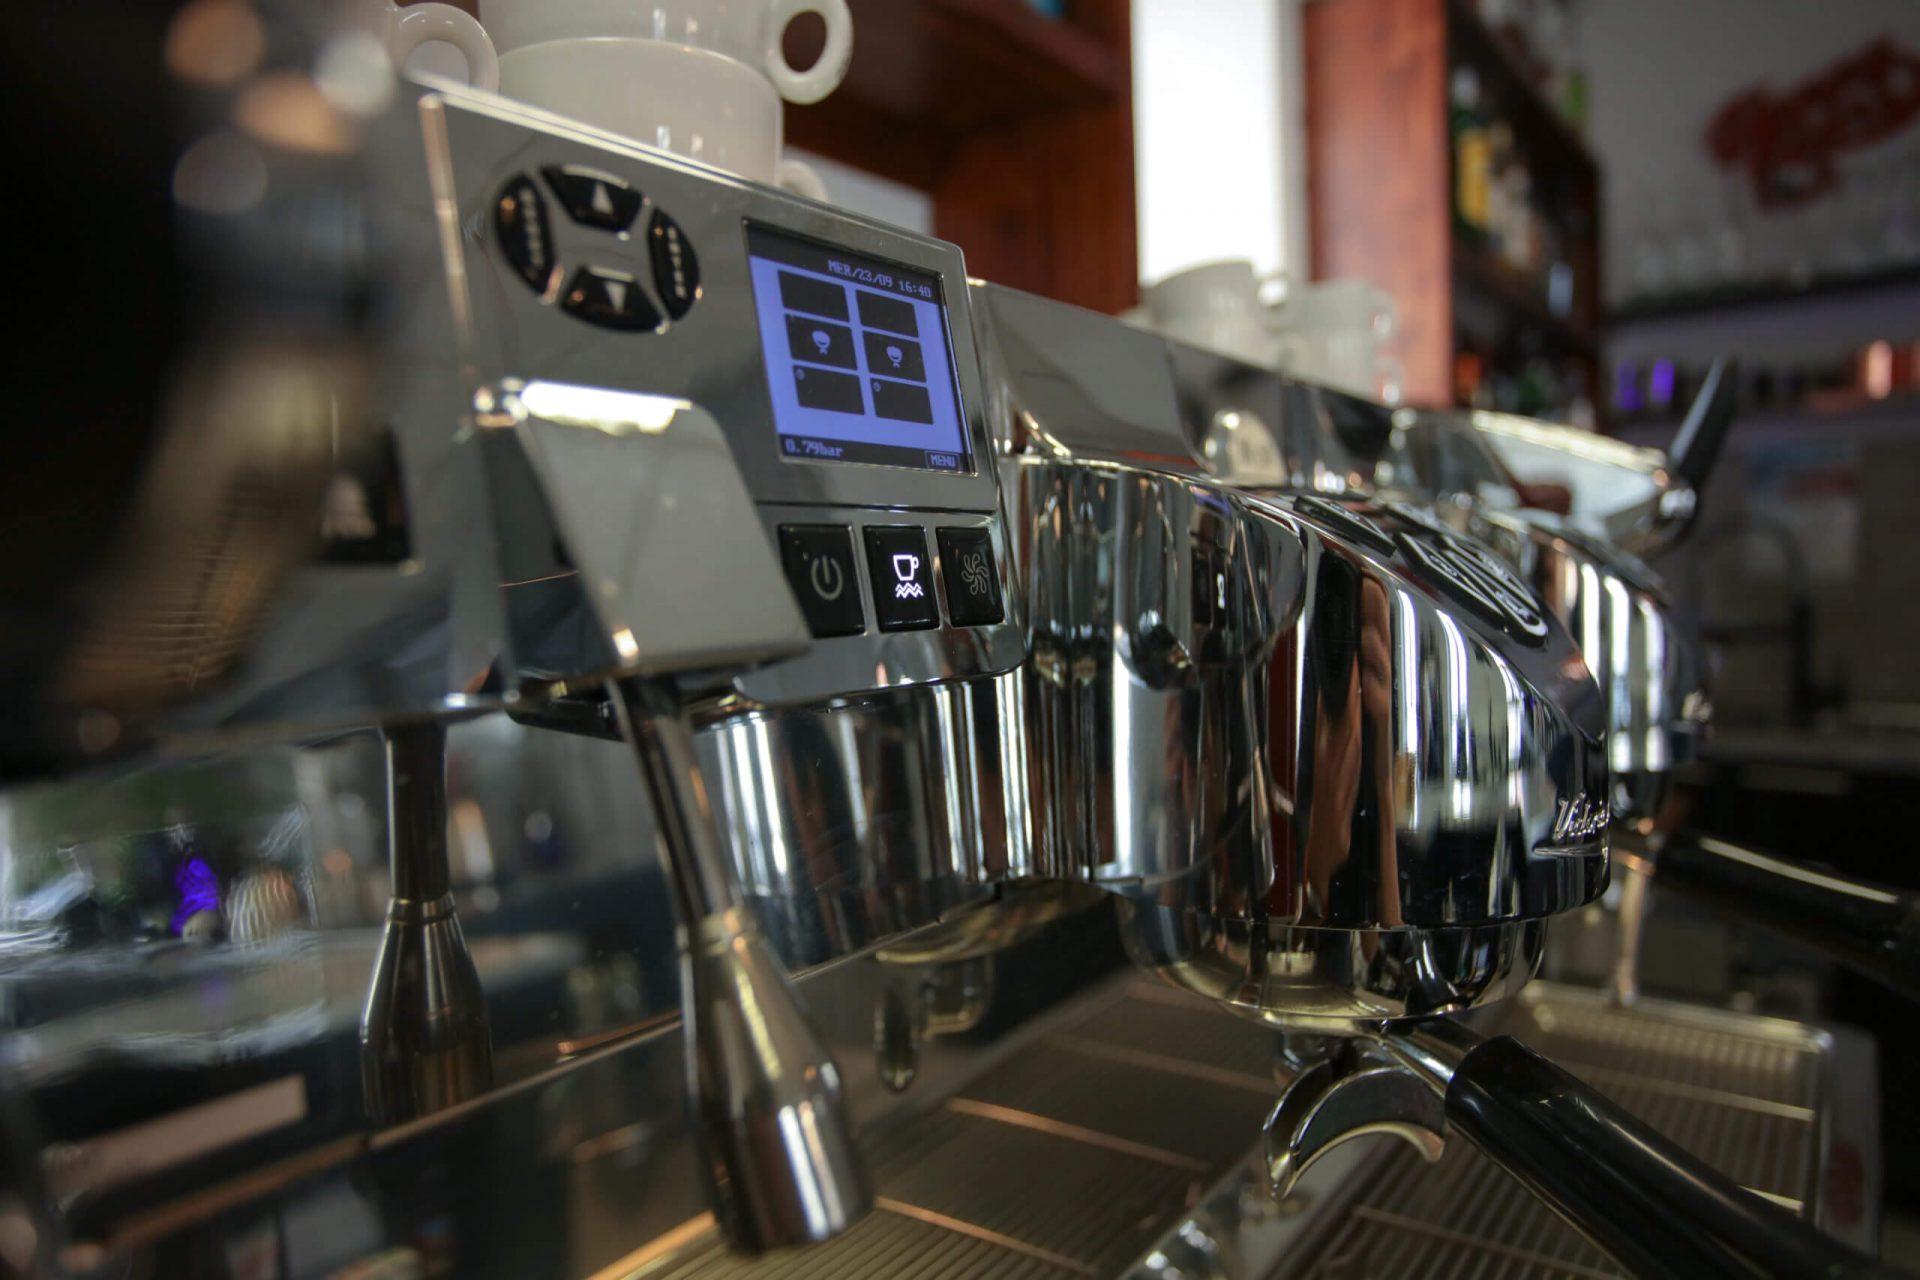 appareil café, lait